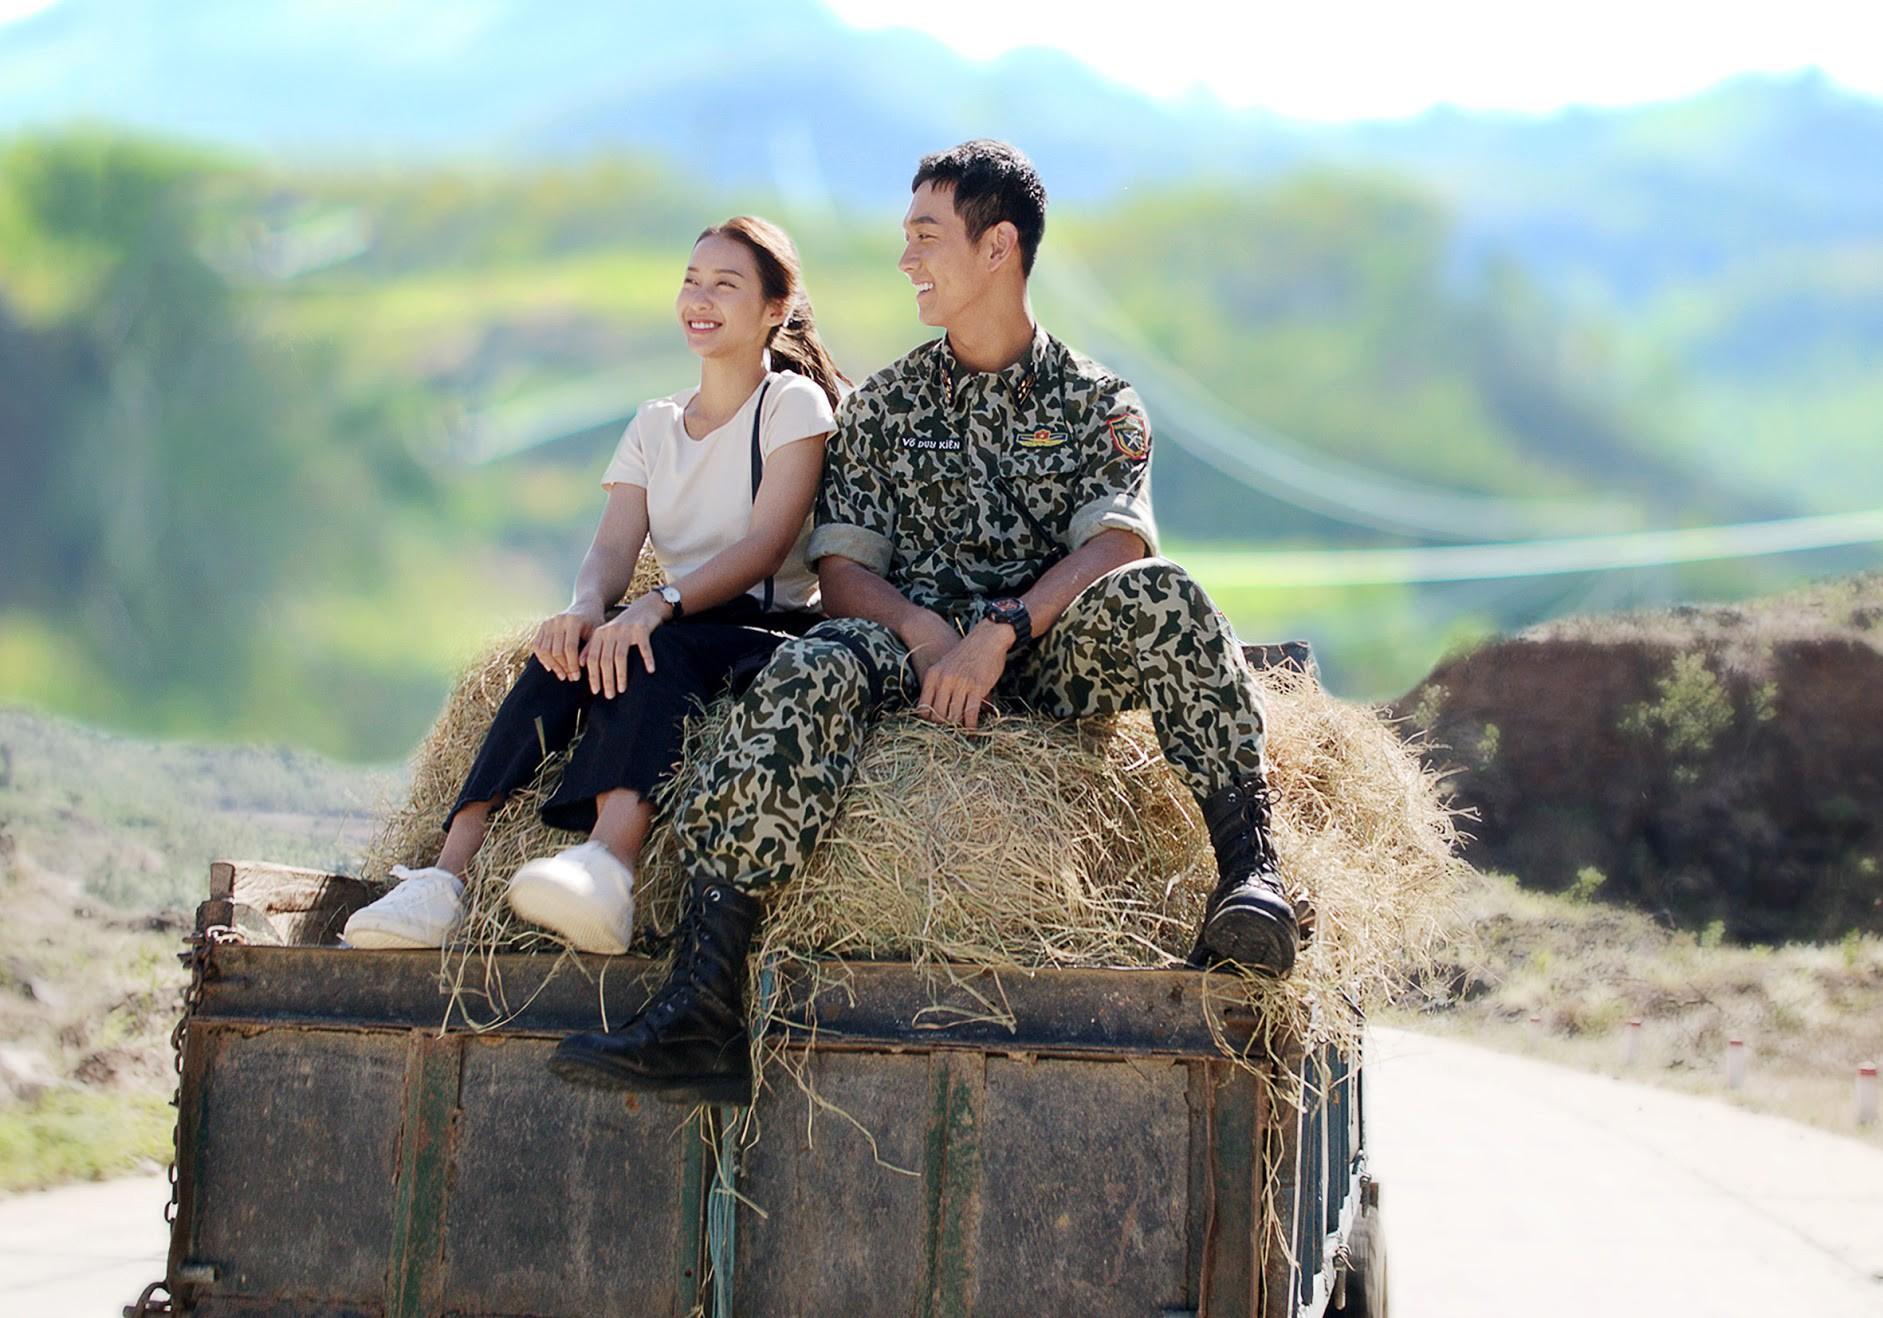 Hậu Duệ Mặt Trời bản Việt chinh phục khán giả bằng sự nỗ lực tuyệt vời của dàn diễn viên - Ảnh 3.